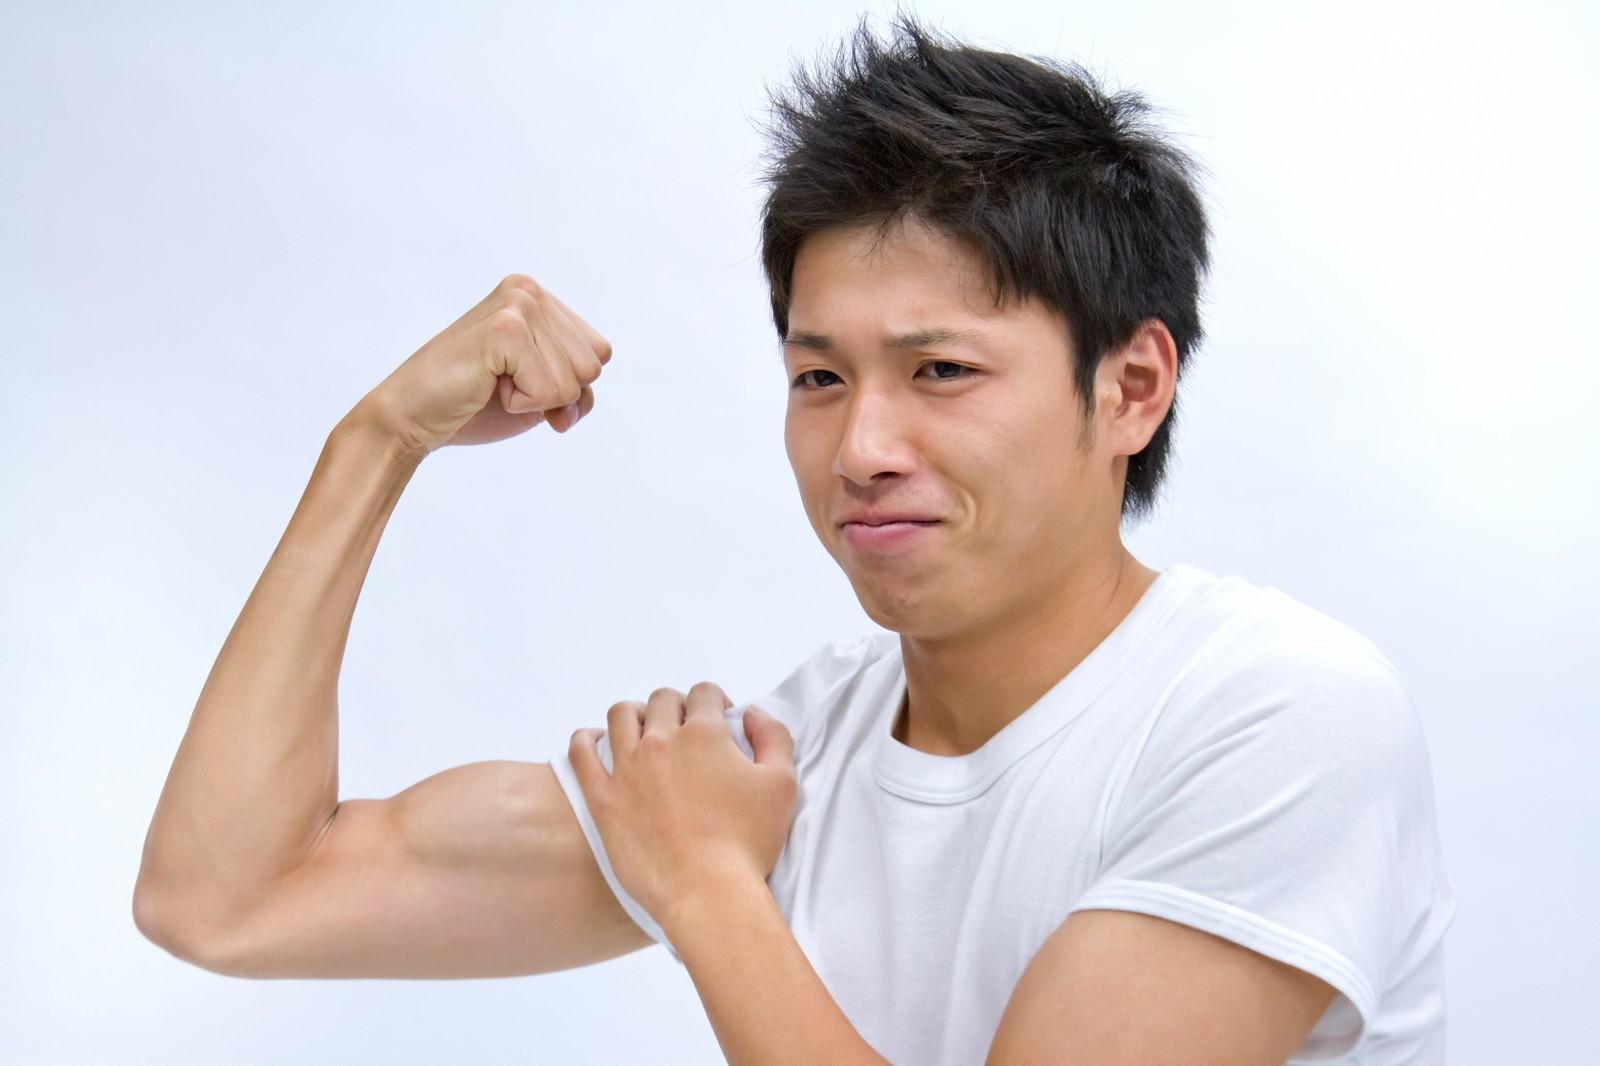 「力こぶを見せる男性」の写真[モデル:恭平]